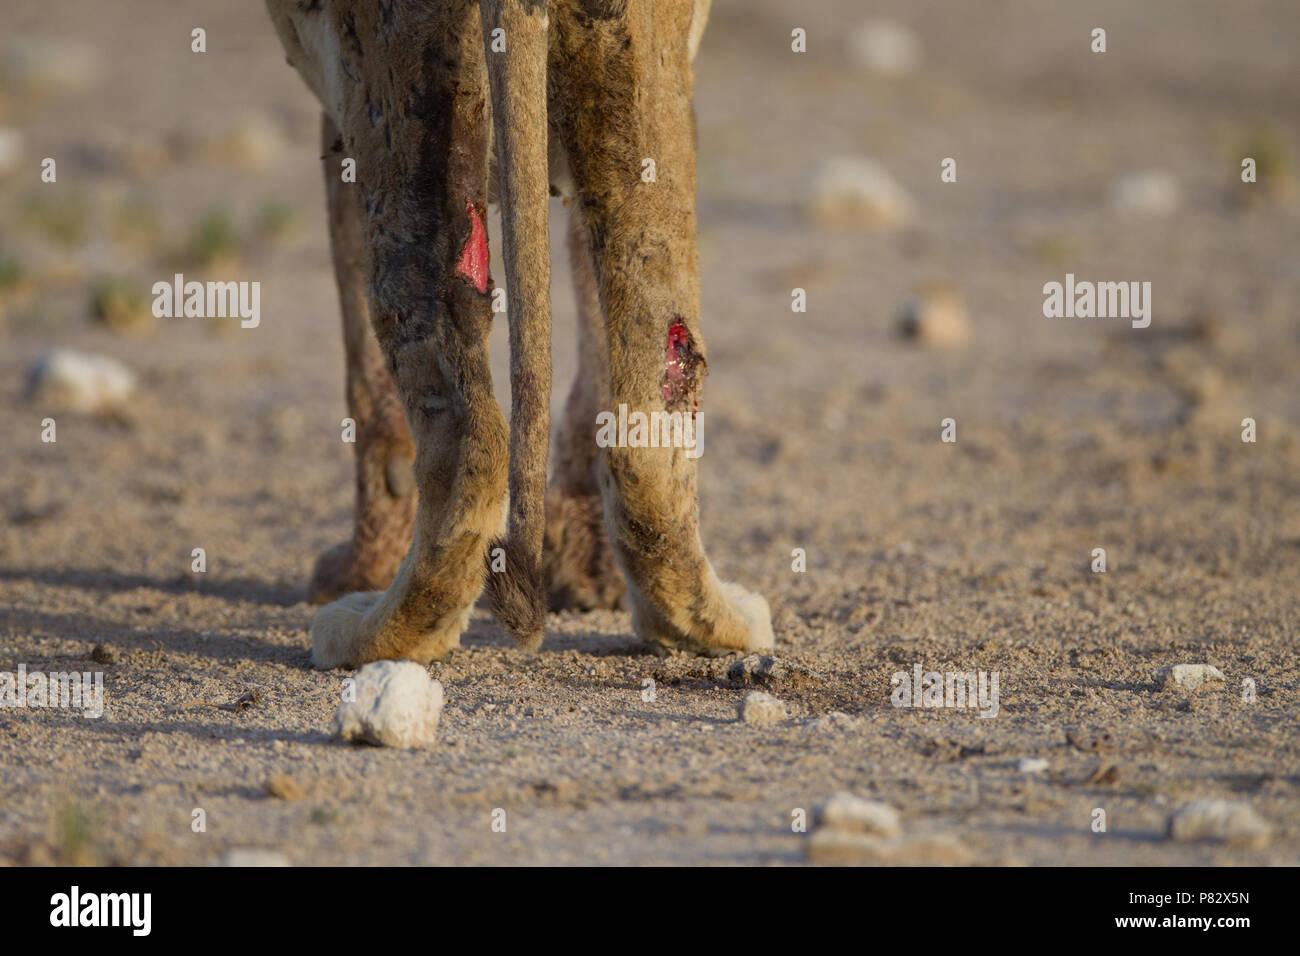 Sick lion with skin peeled off Etosha - Stock Image